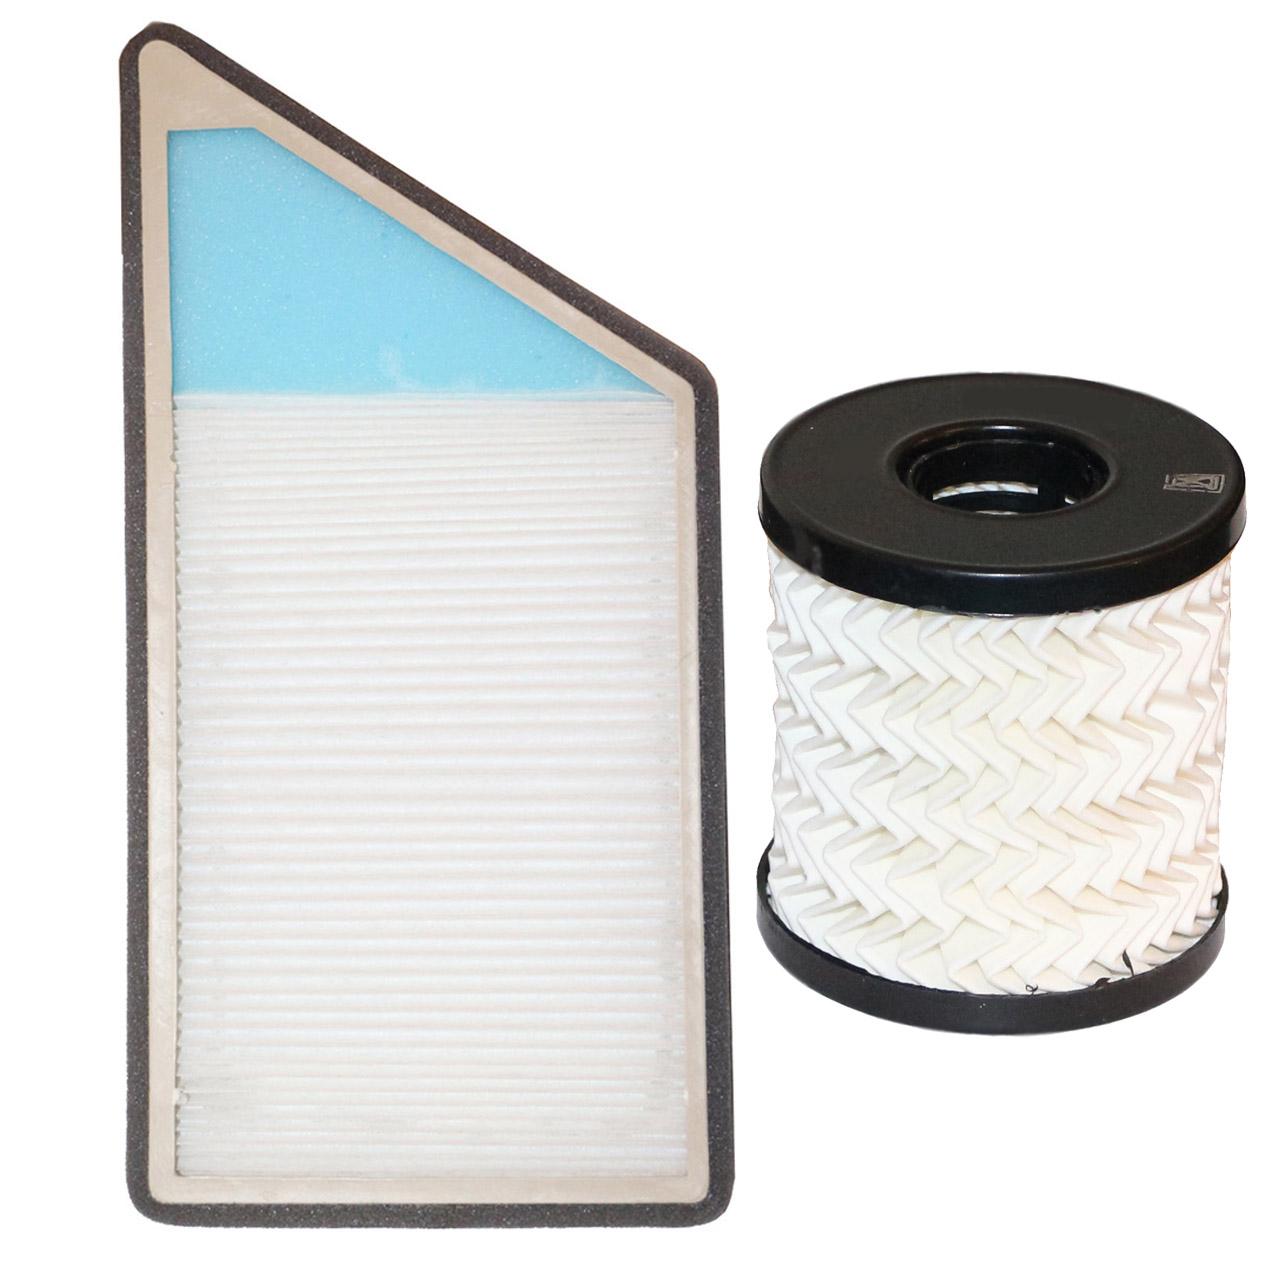 فیلتر کابین خودرو مدل LF2 مناسب برای پژو 206 و 207 به همراه فیلتر روغن